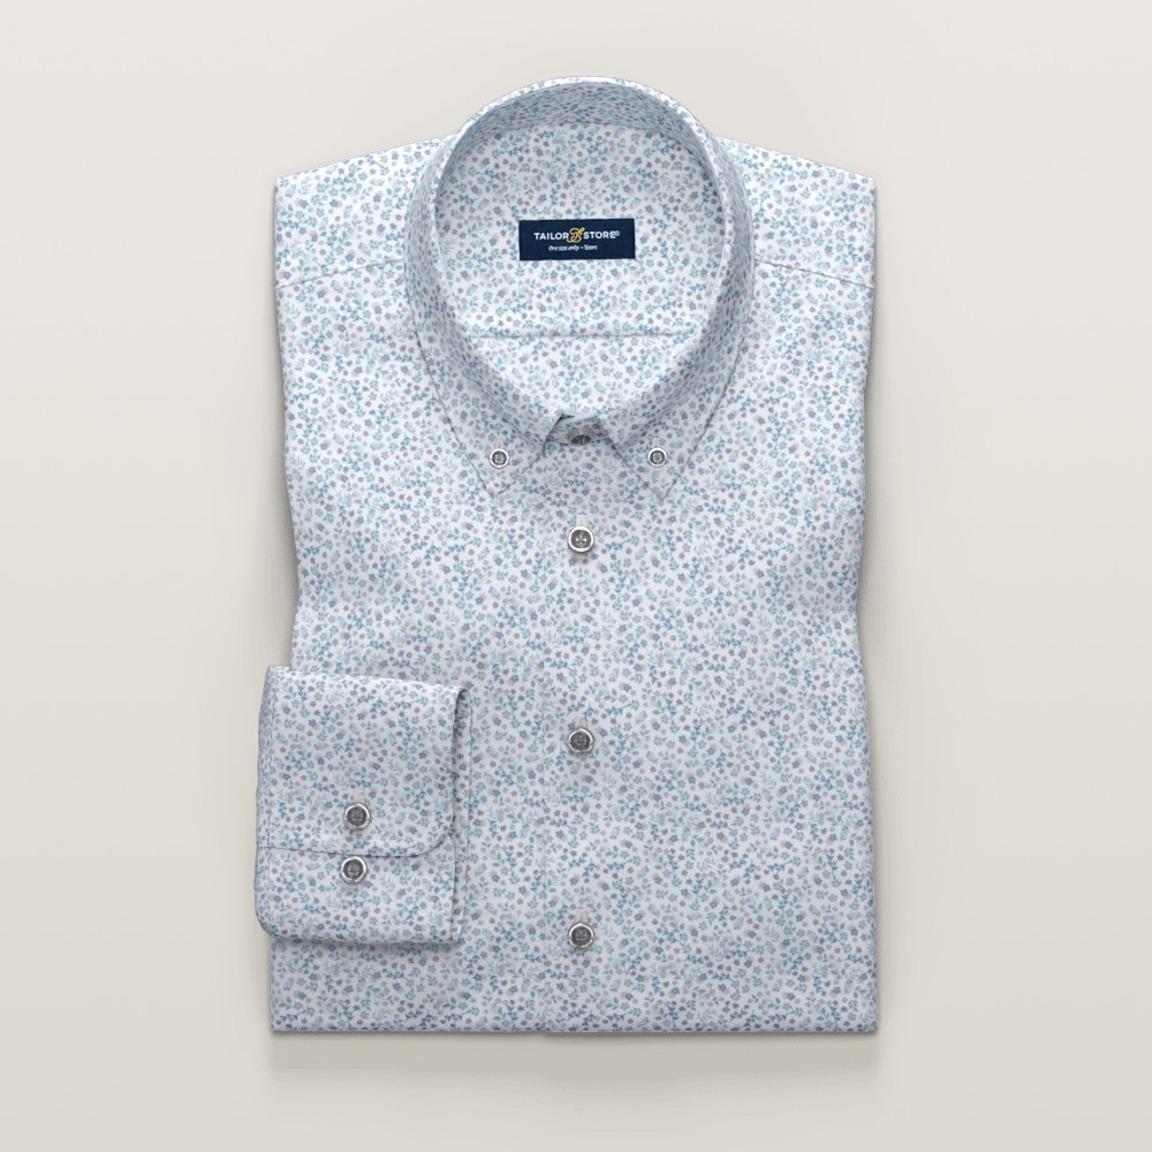 Dimmgrön småblommig skjorta